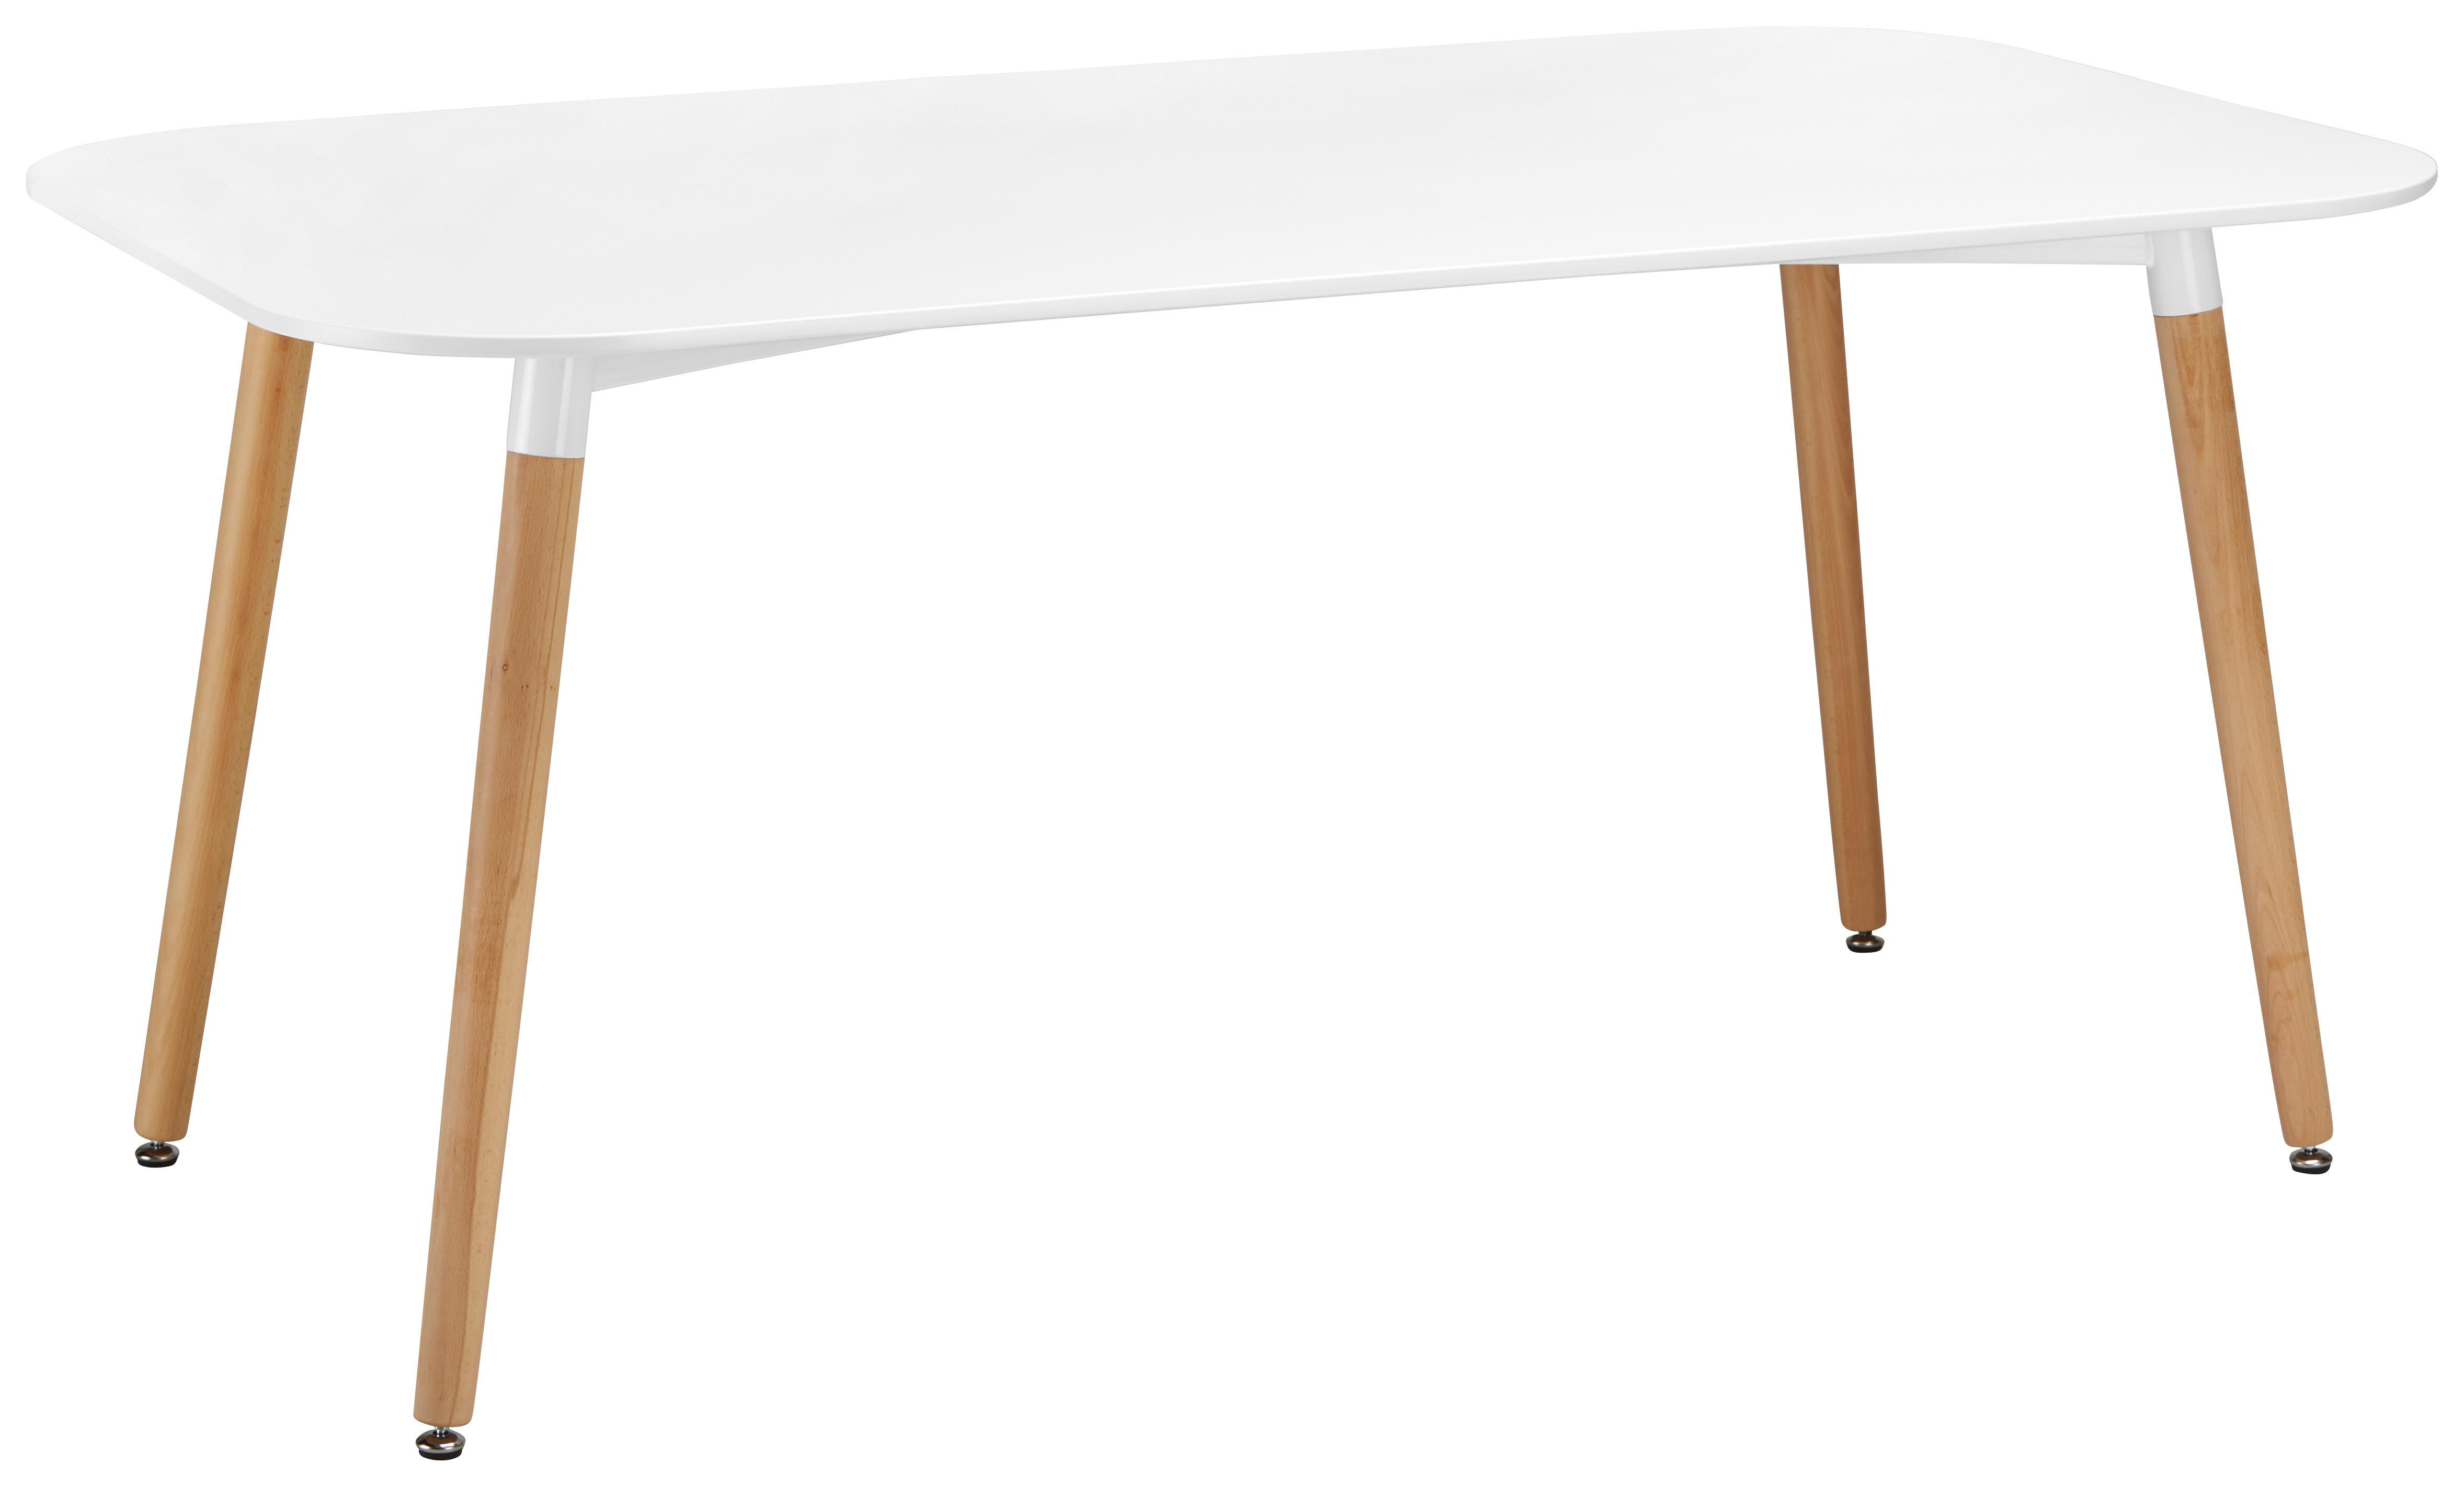 Mobel Wohnen Auszugtisch Oval Buche Natur Nb Esstisch Esszimmertisch Kuchentisch Ausziehbar Tische Stehtische Metagal Com Br